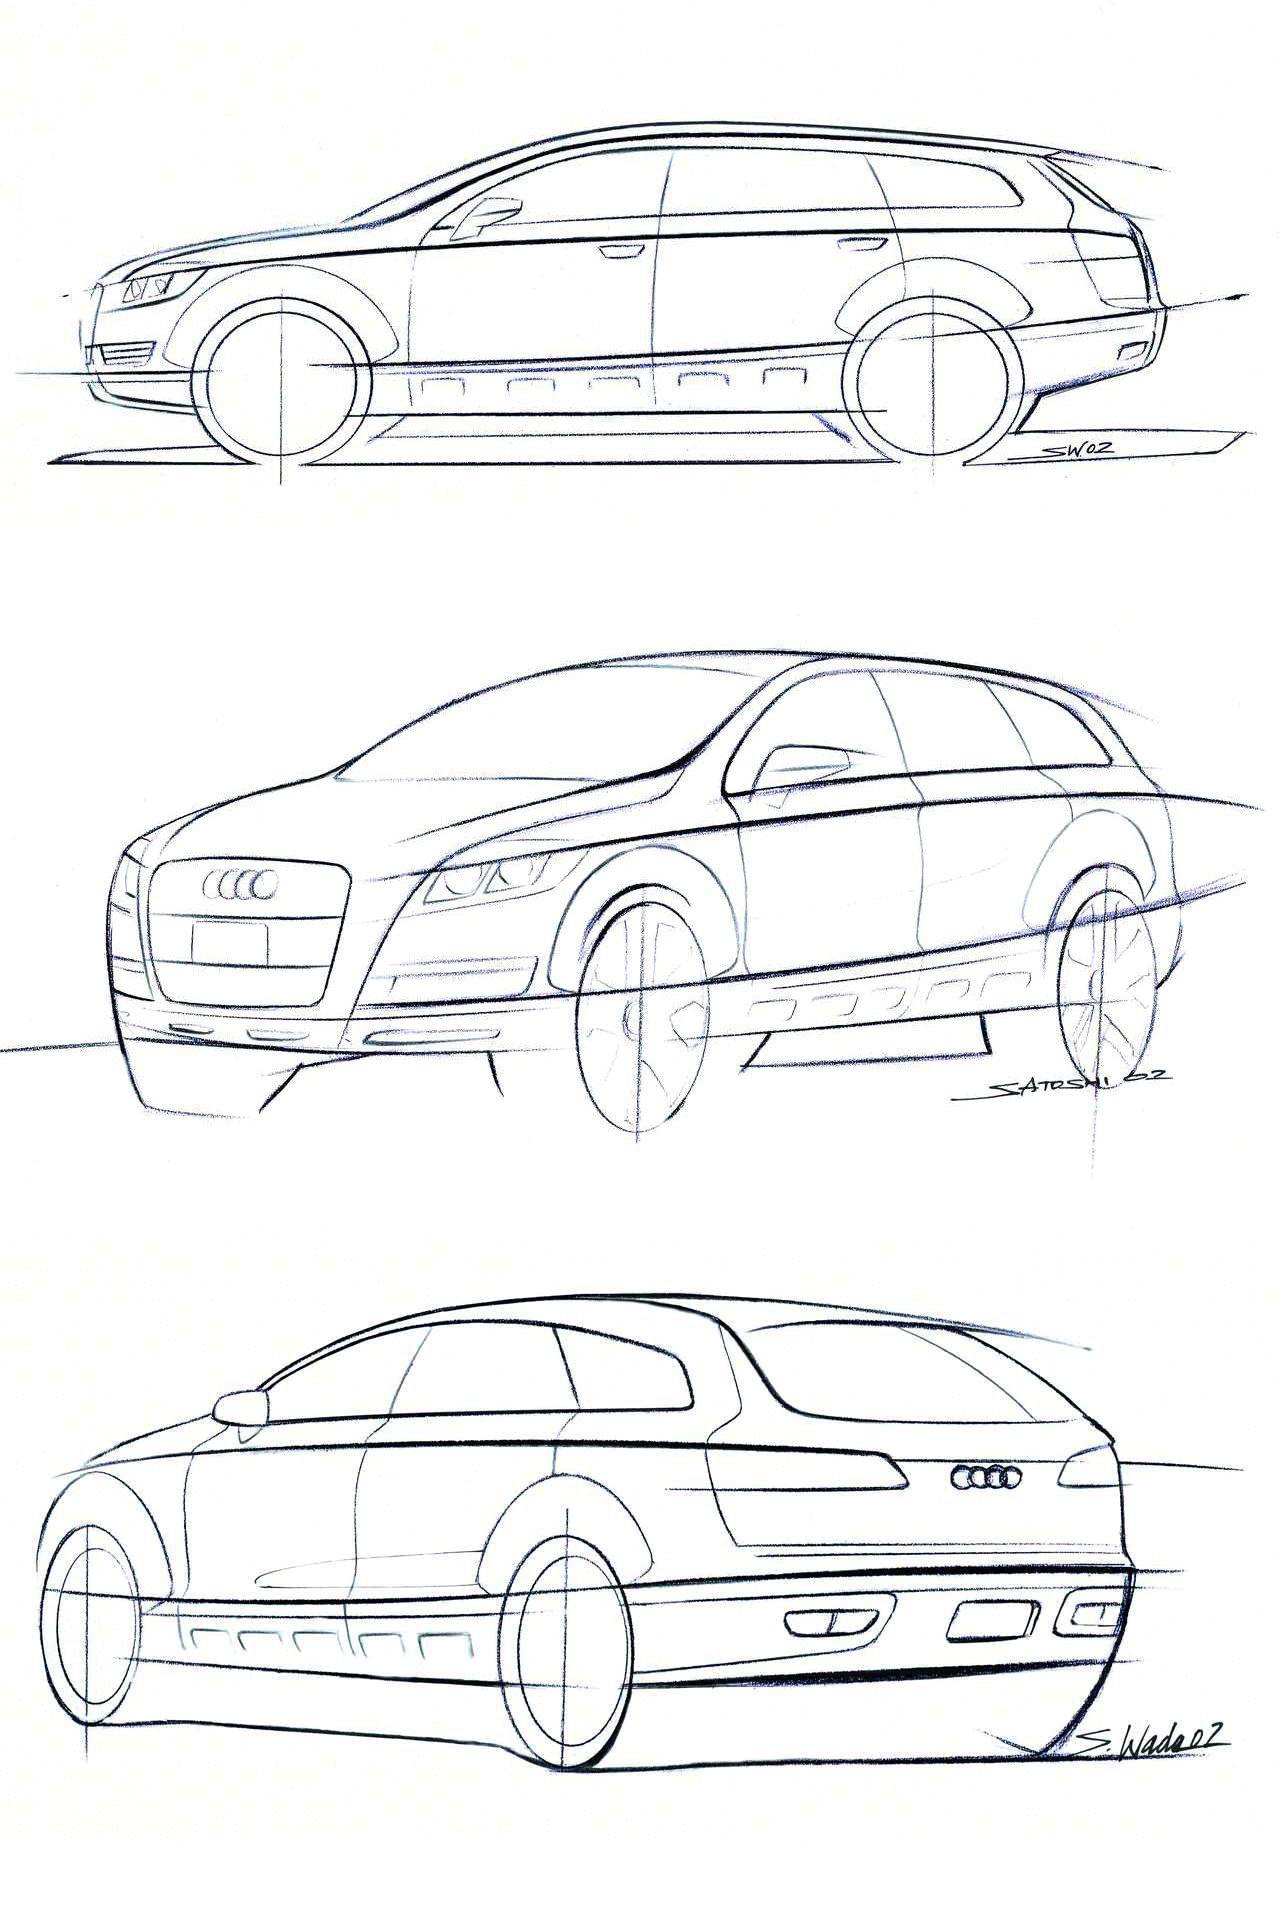 Og Audi A6 Avant Design Sketch Dated 2002 Ext Car Sketch